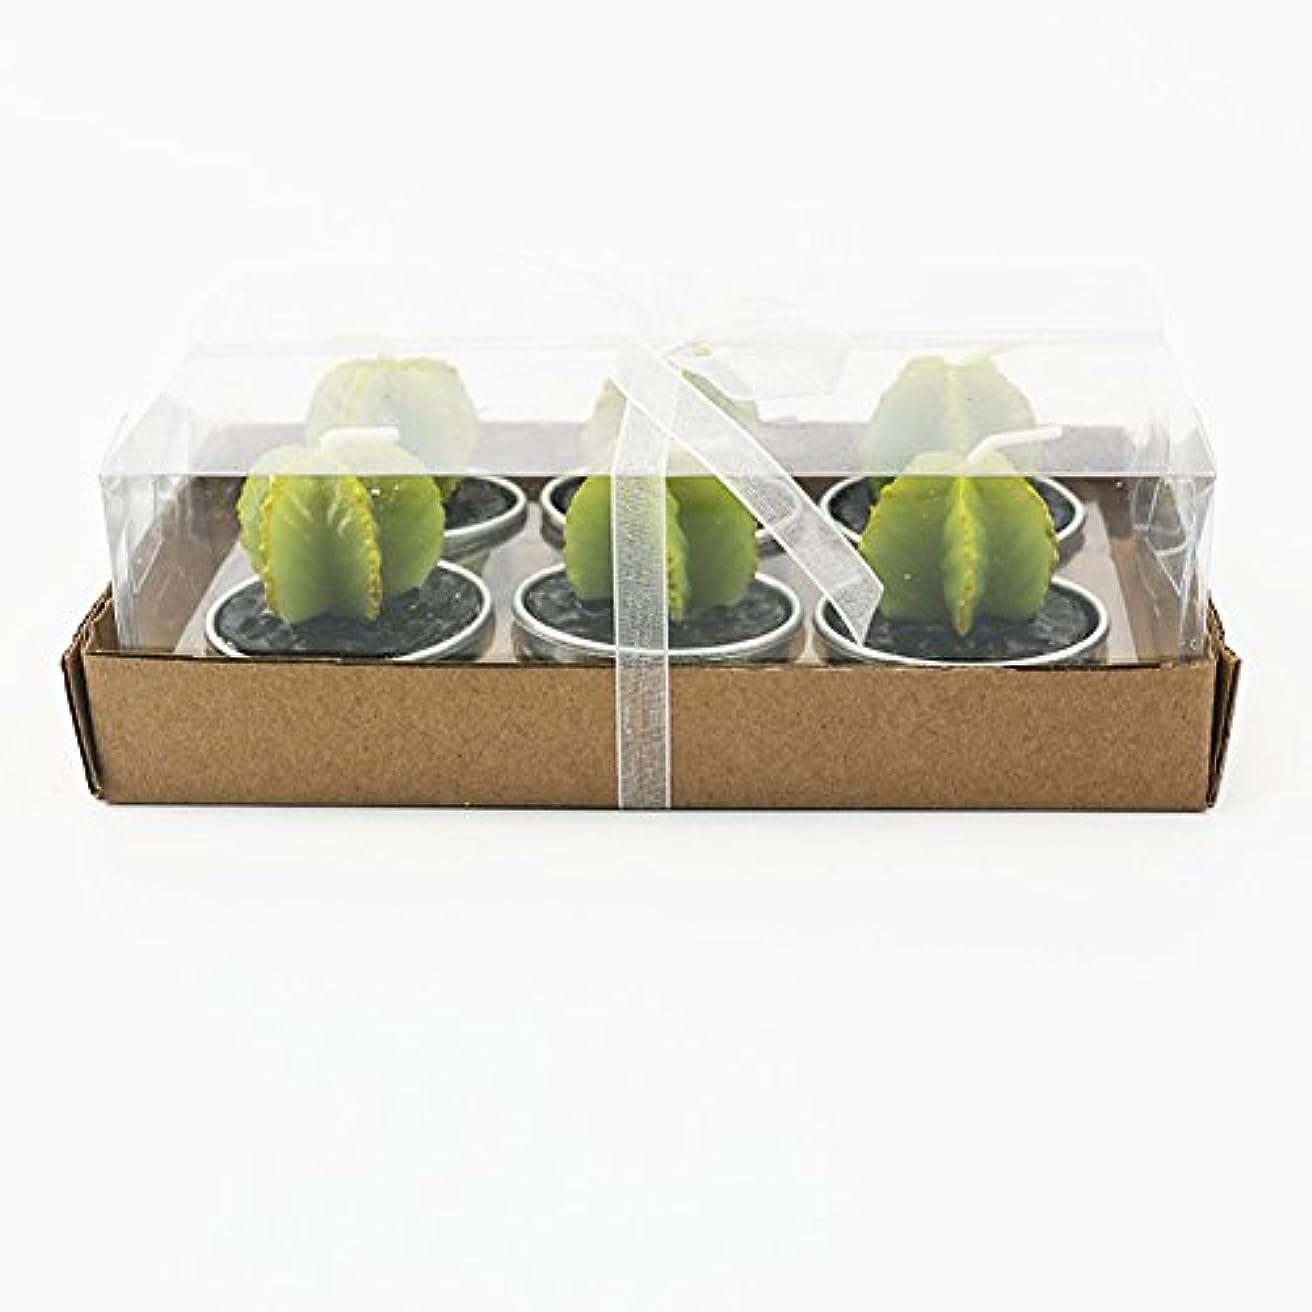 結婚式目的お茶Liebeye キャンドル 多肉植物スモークフリーのクリエイティブなキャンドル100%自然のワックスかわいい模造植物フルーツの形状低温キャンドル 6個/箱 ゴレンシボックス